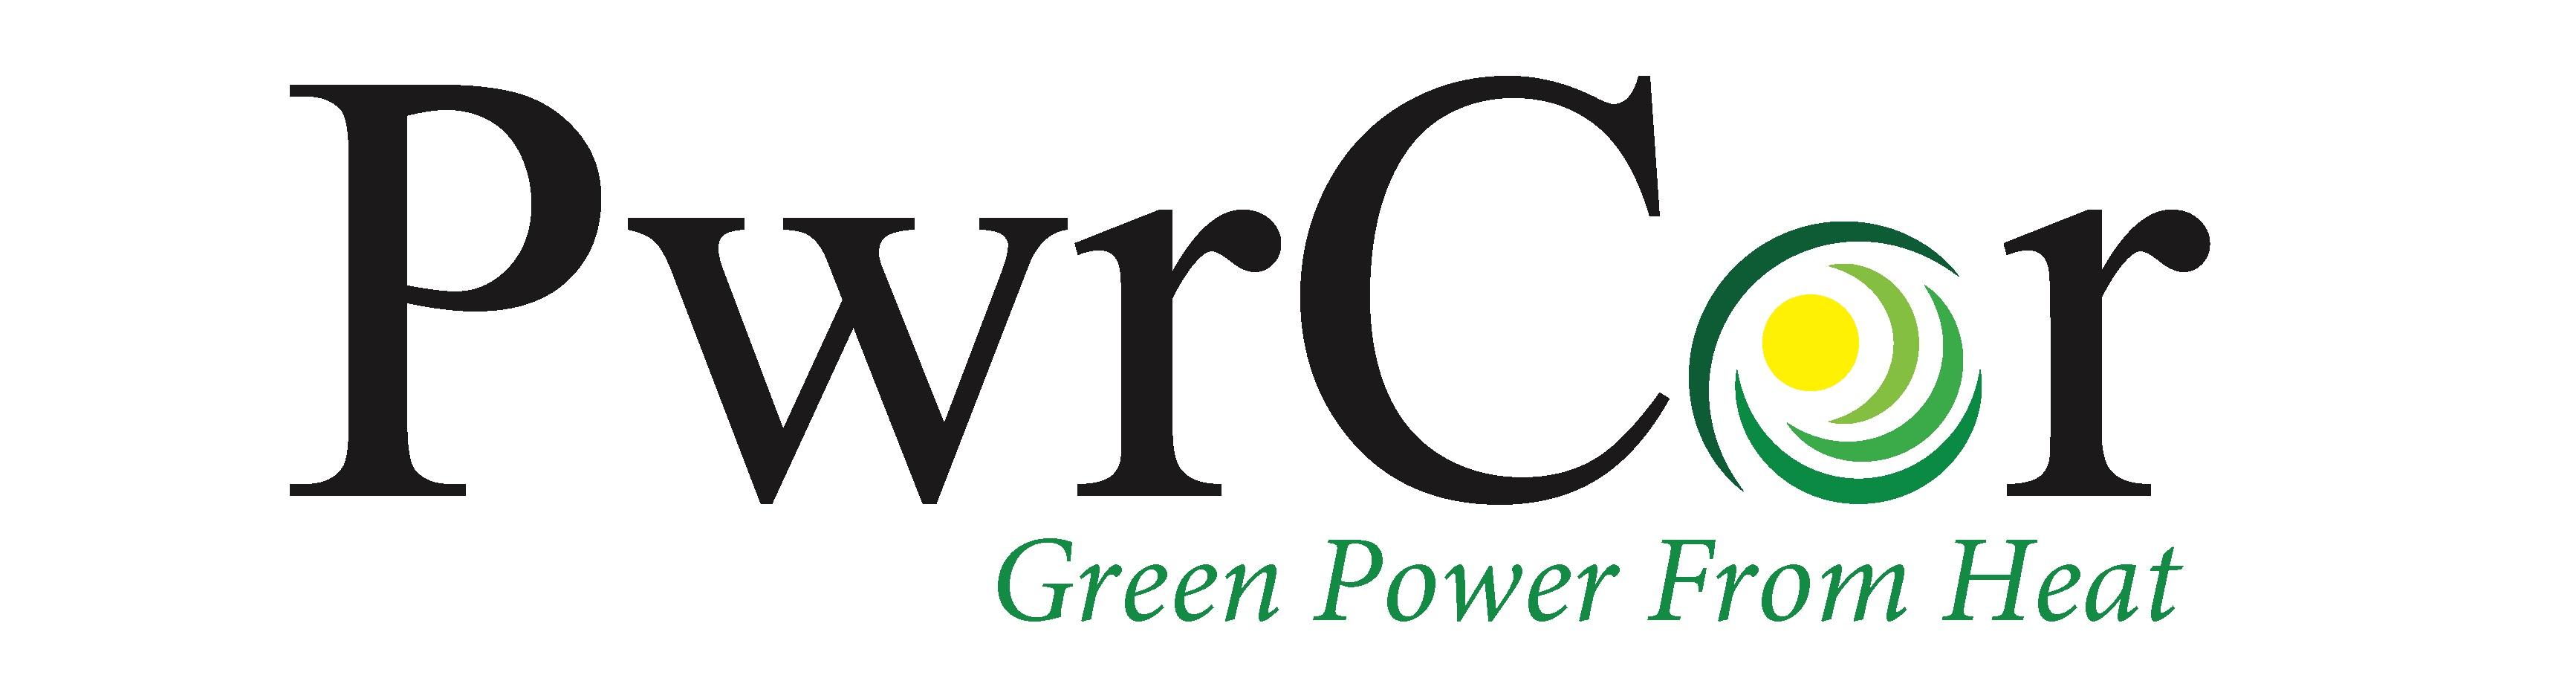 PwrCor Inc. (OTCQB:PWCO)